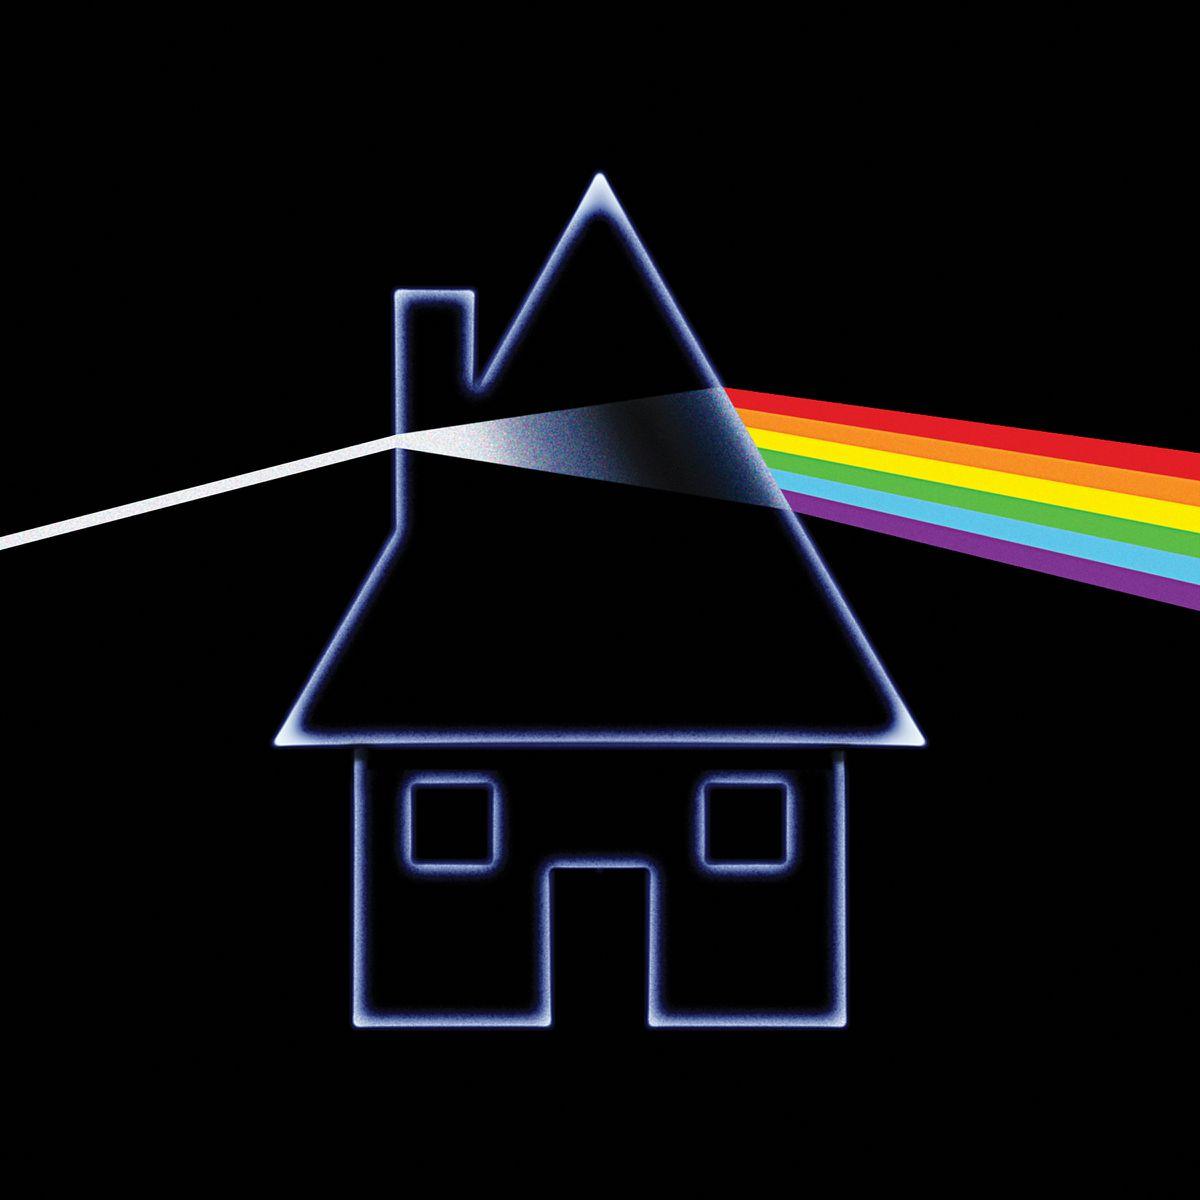 Cuando Pink Floyd abandonó los instrumentos musicales  Revista de verano